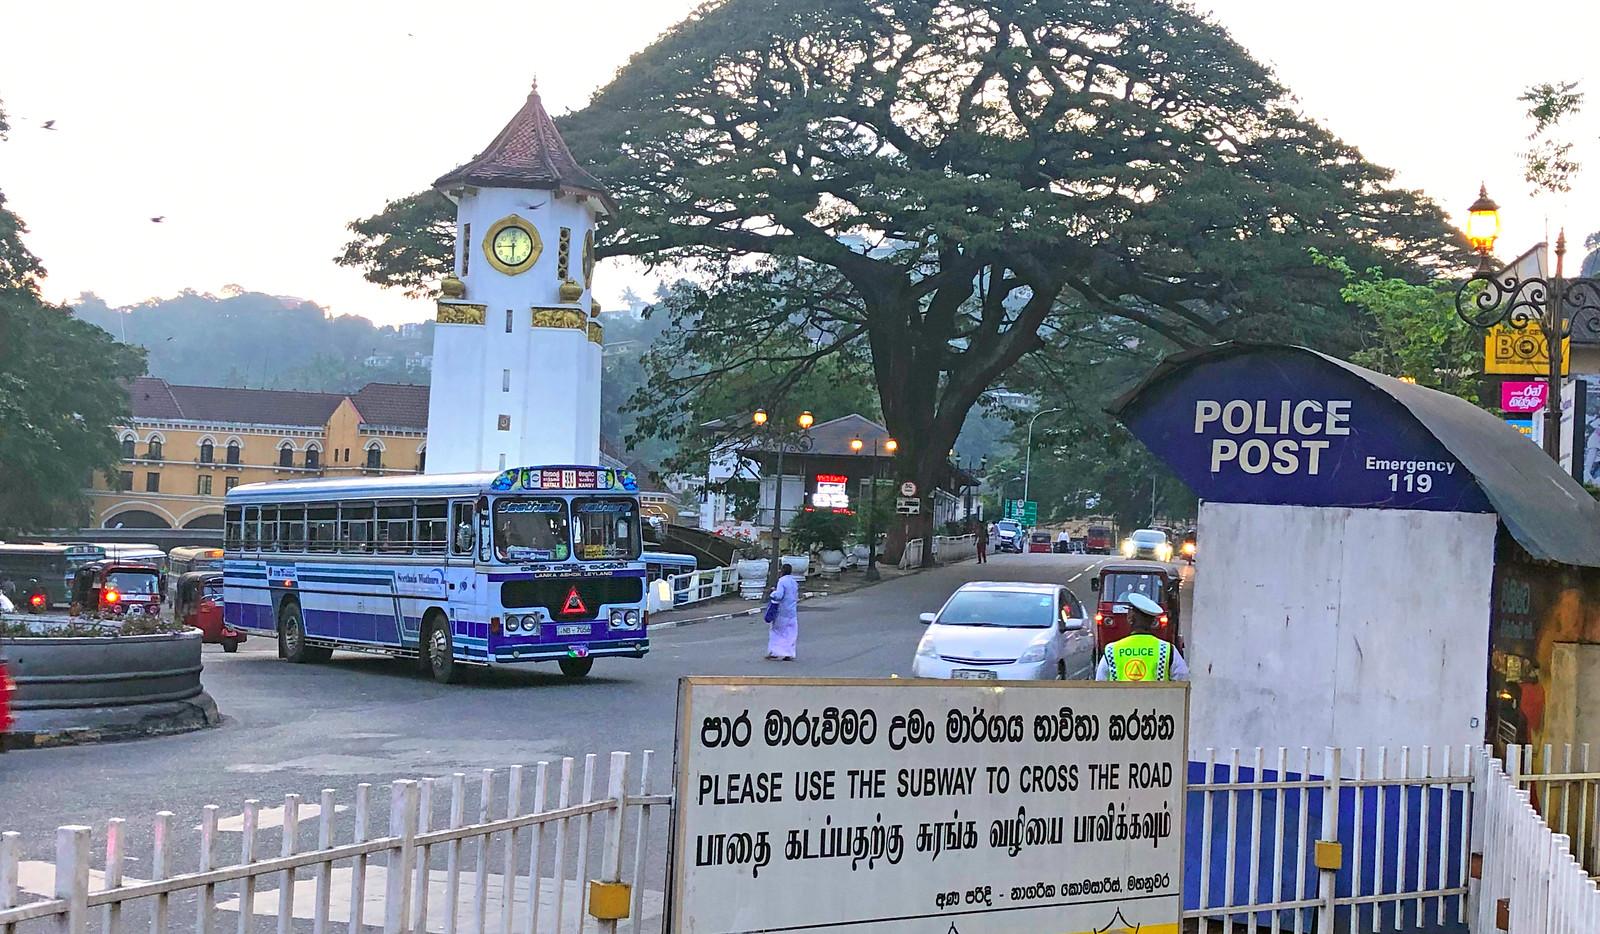 Kandy en un día, Sri Lanka kandy en un día - 47013332482 8482fb0c73 h - Kandy en un día, Sri Lanka